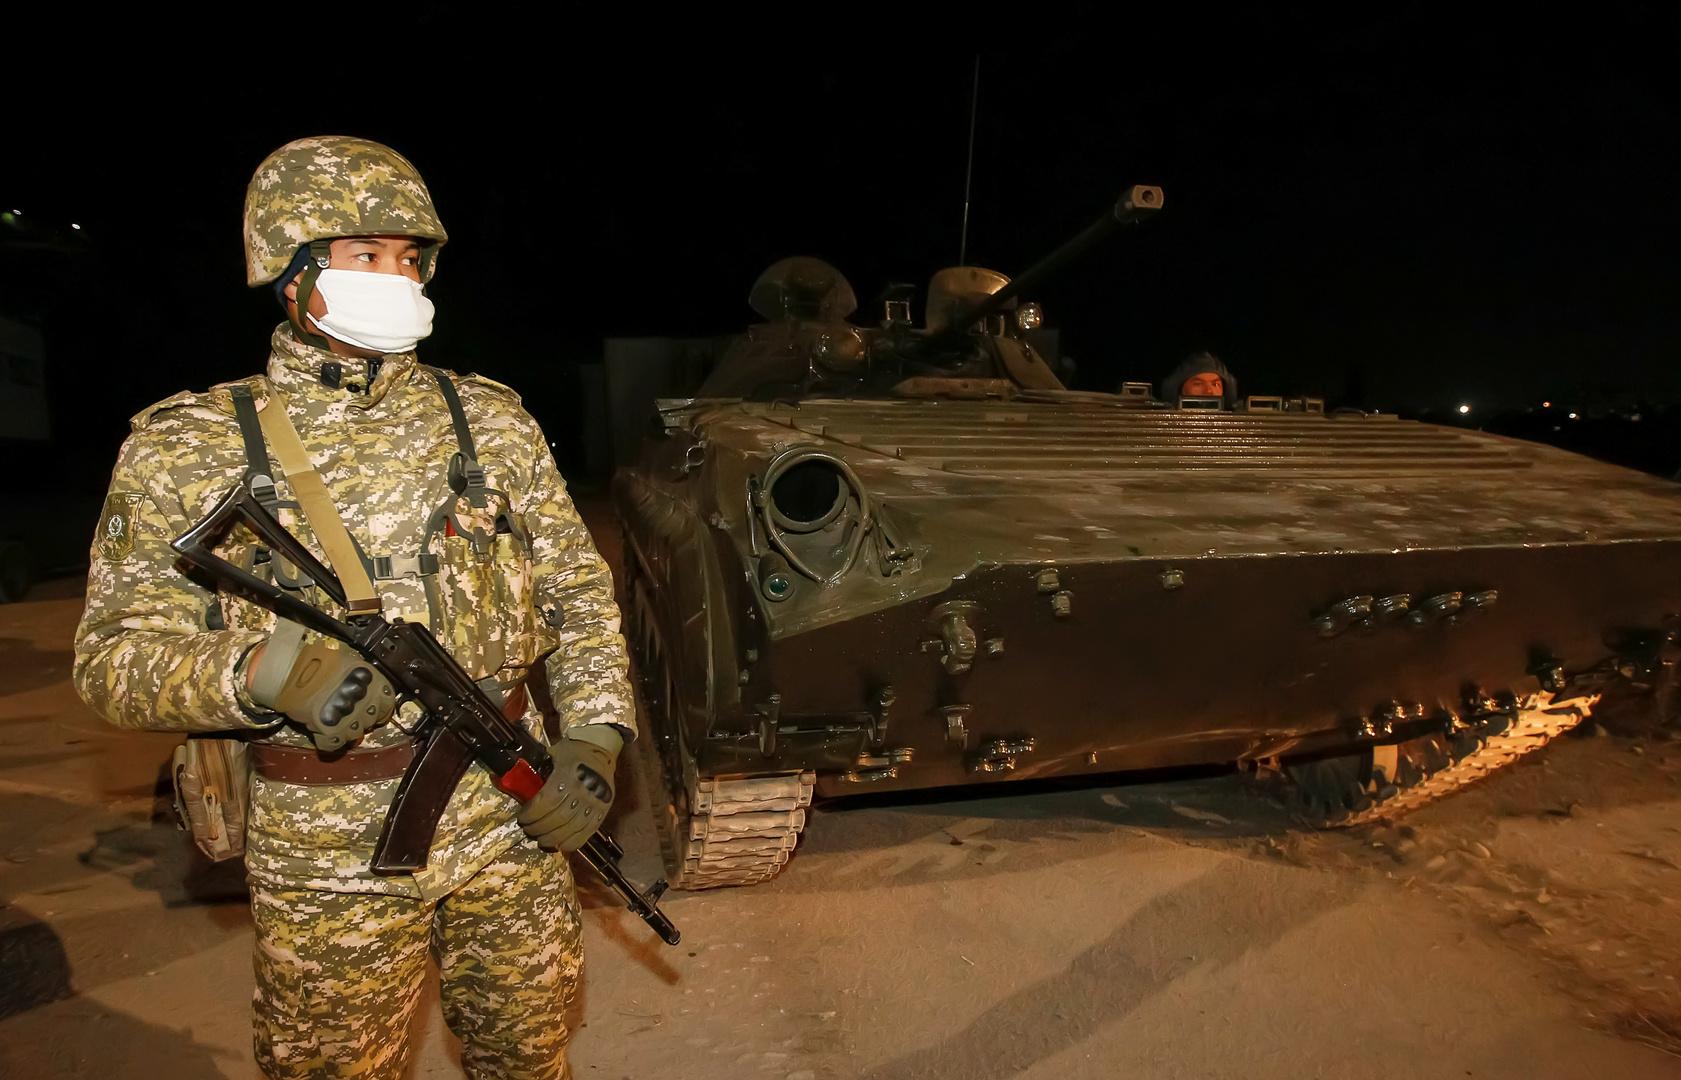 قرغيزيا تعلن مقتل 13 وإصابة العشرات من مواطنيها في النزاع الحدودي مع طاجيكستان